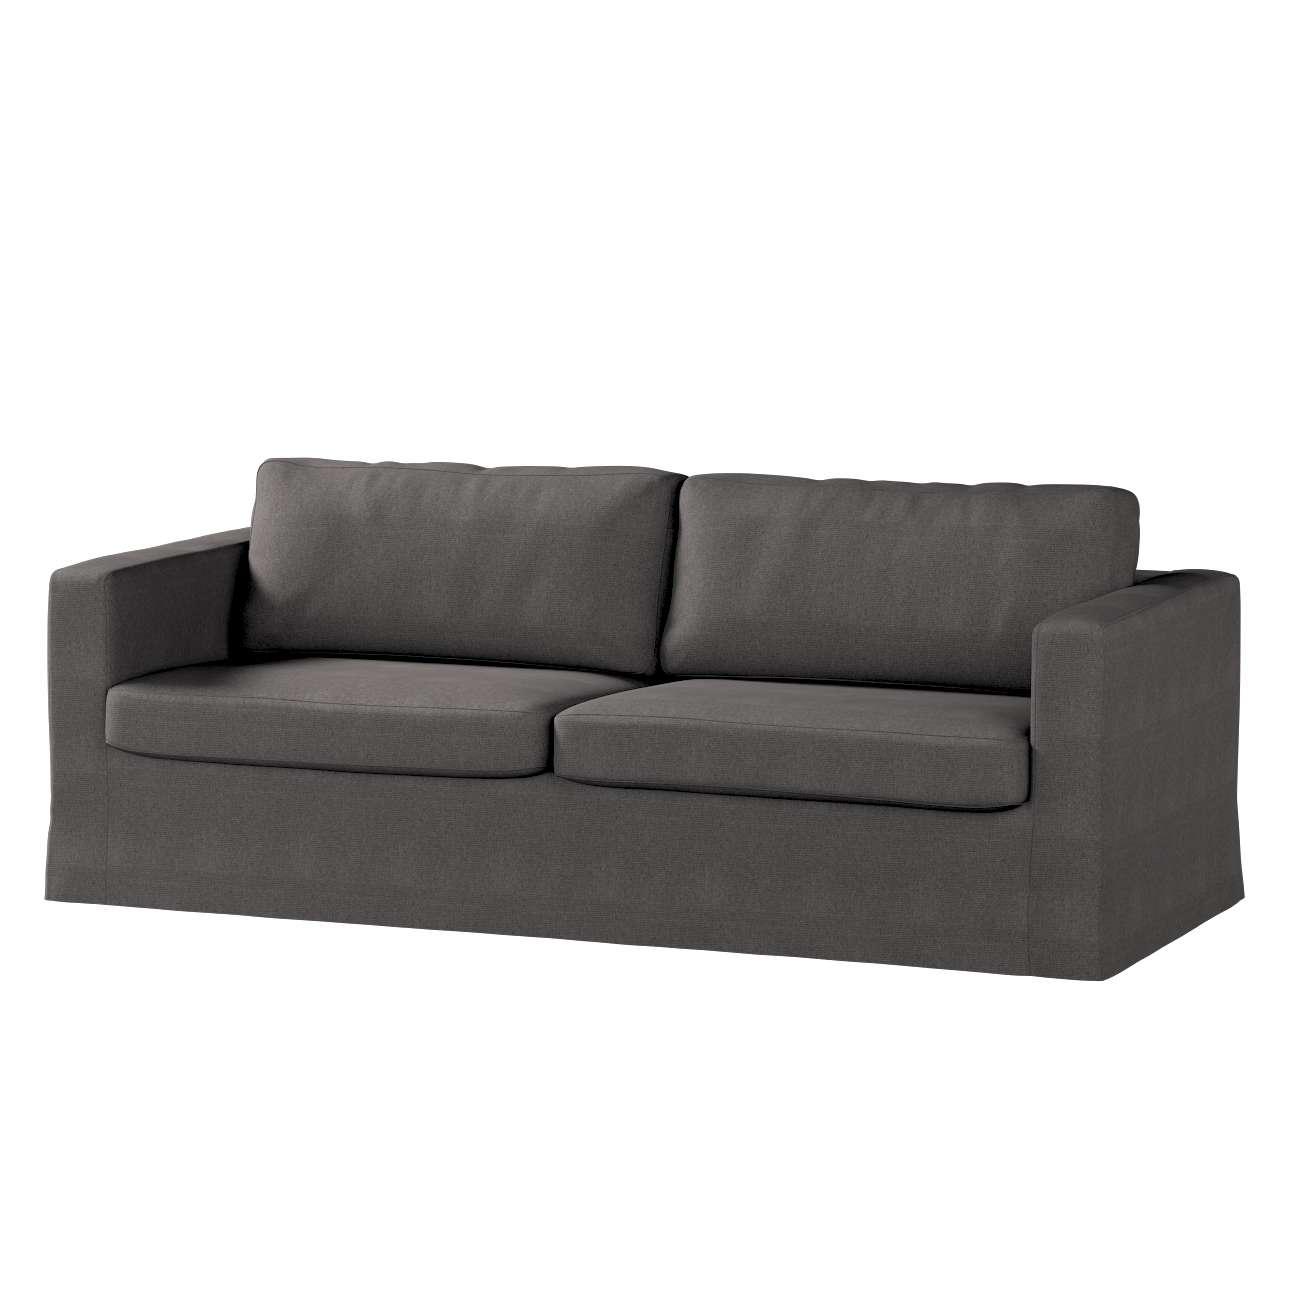 Pokrowiec na sofę Karlstad 3-osobową nierozkładaną, długi Sofa Karlstad 3-osobowa w kolekcji Etna , tkanina: 705-35